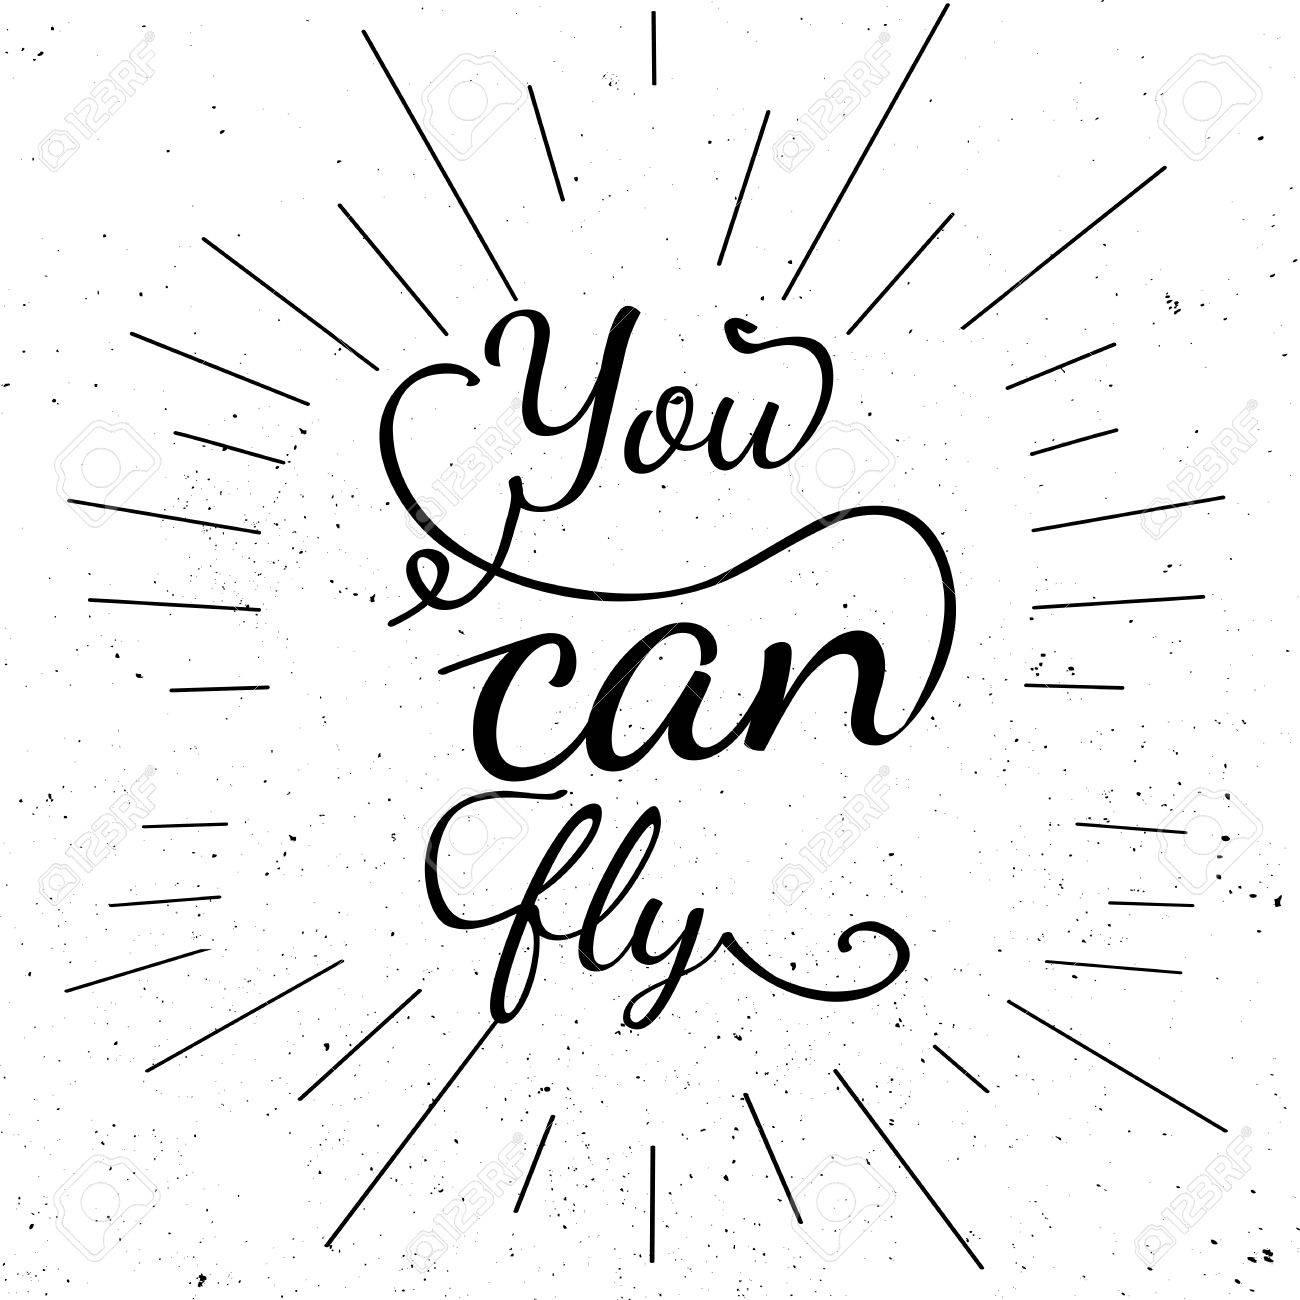 Carteles Motivacionales En Blanco Y Negro Lettering Puedes Volar Tipografía Inspirada Cartel De Tipografía Dibujada A Mano Con Lema Motivacional